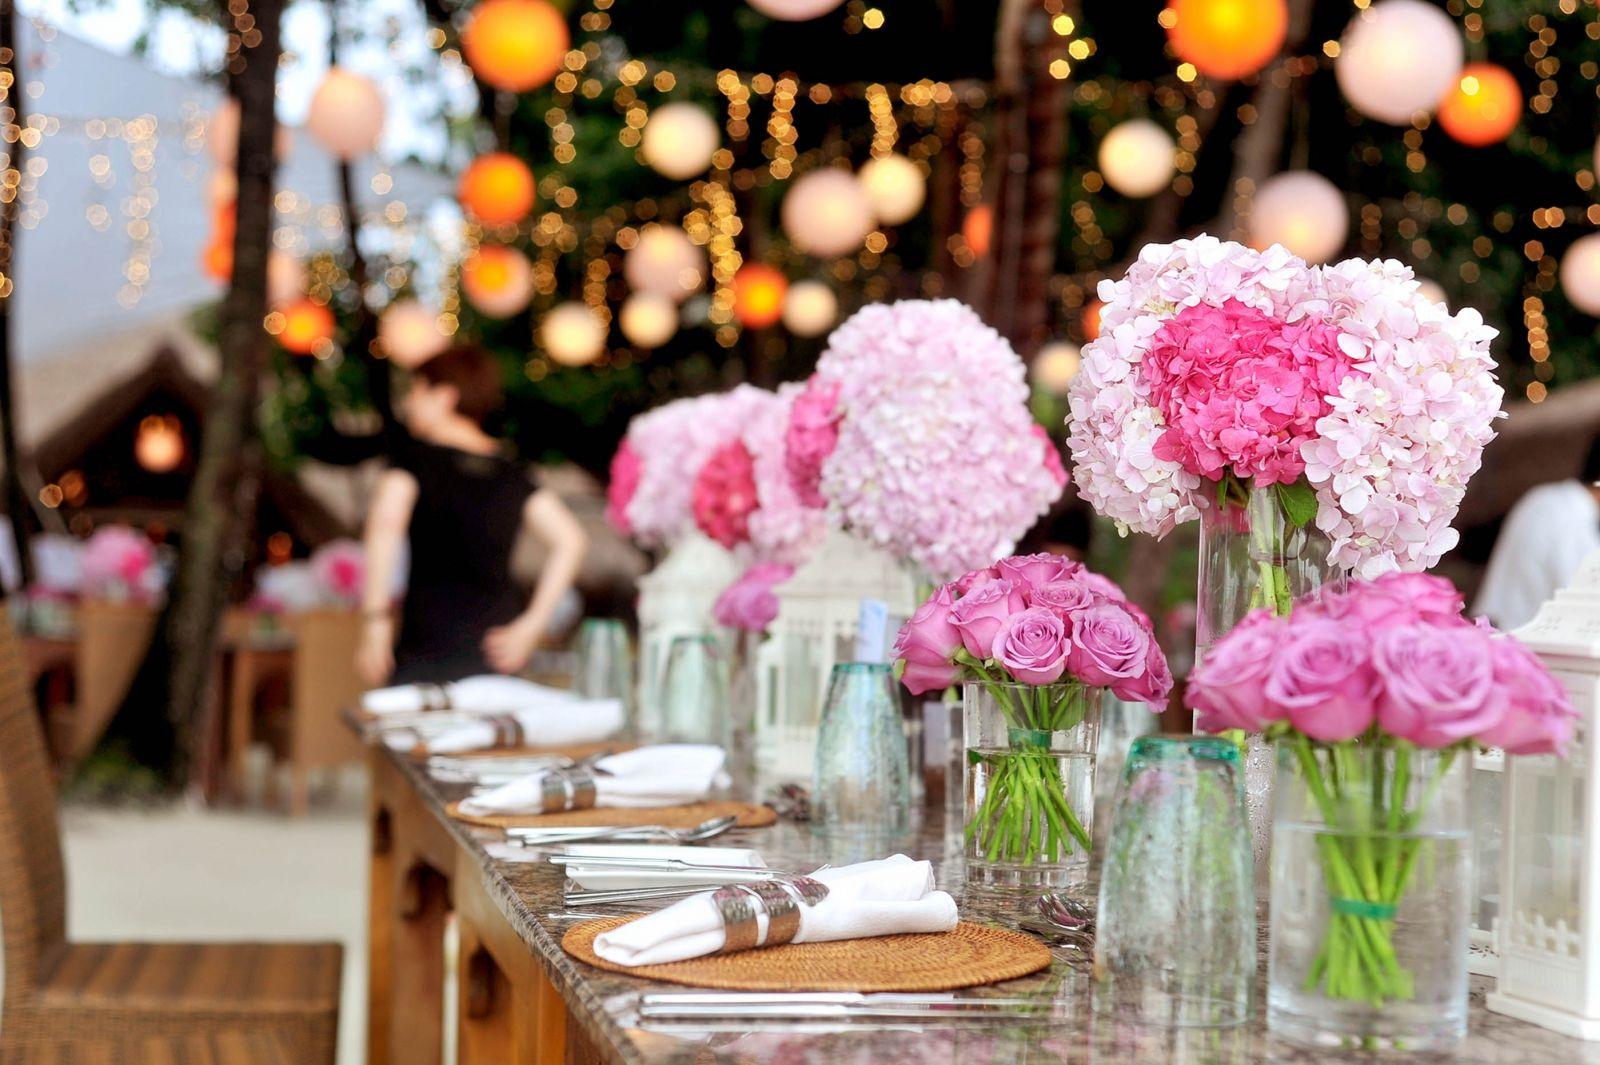 تزيين طاولات الاستقبال بالورود